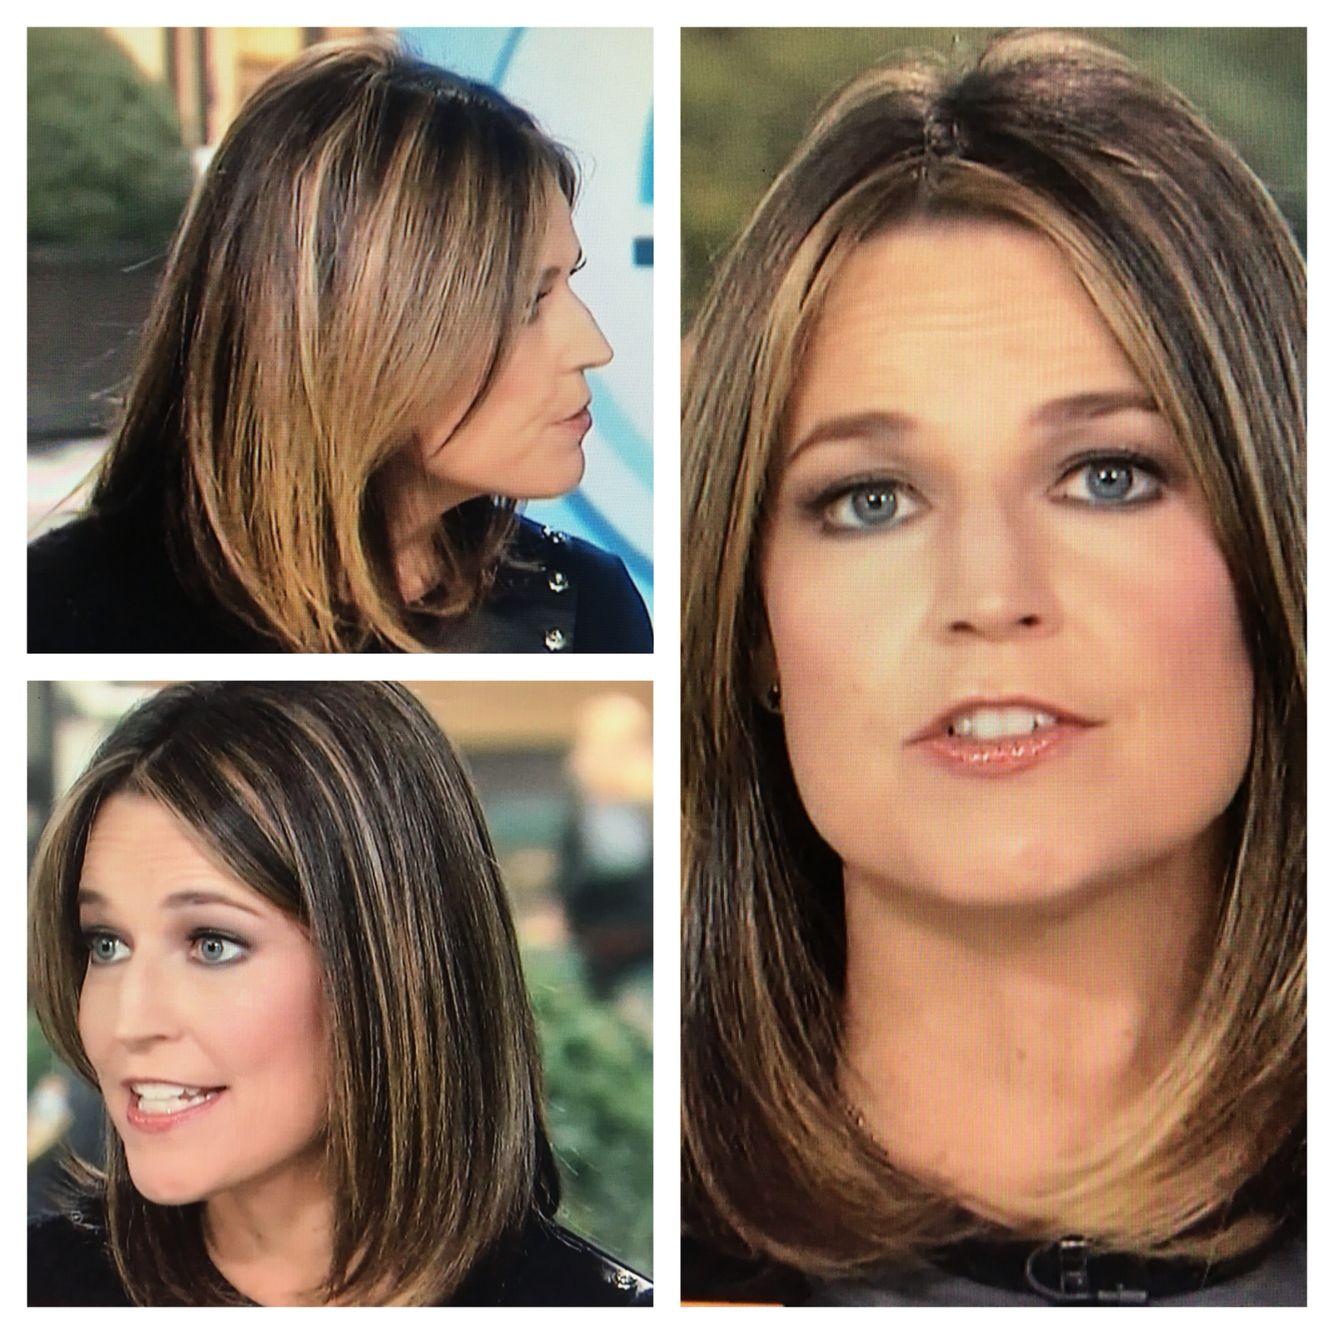 Savannah Guthrie Hair 1215 Hair In 2018 Pinterest Hair Hair